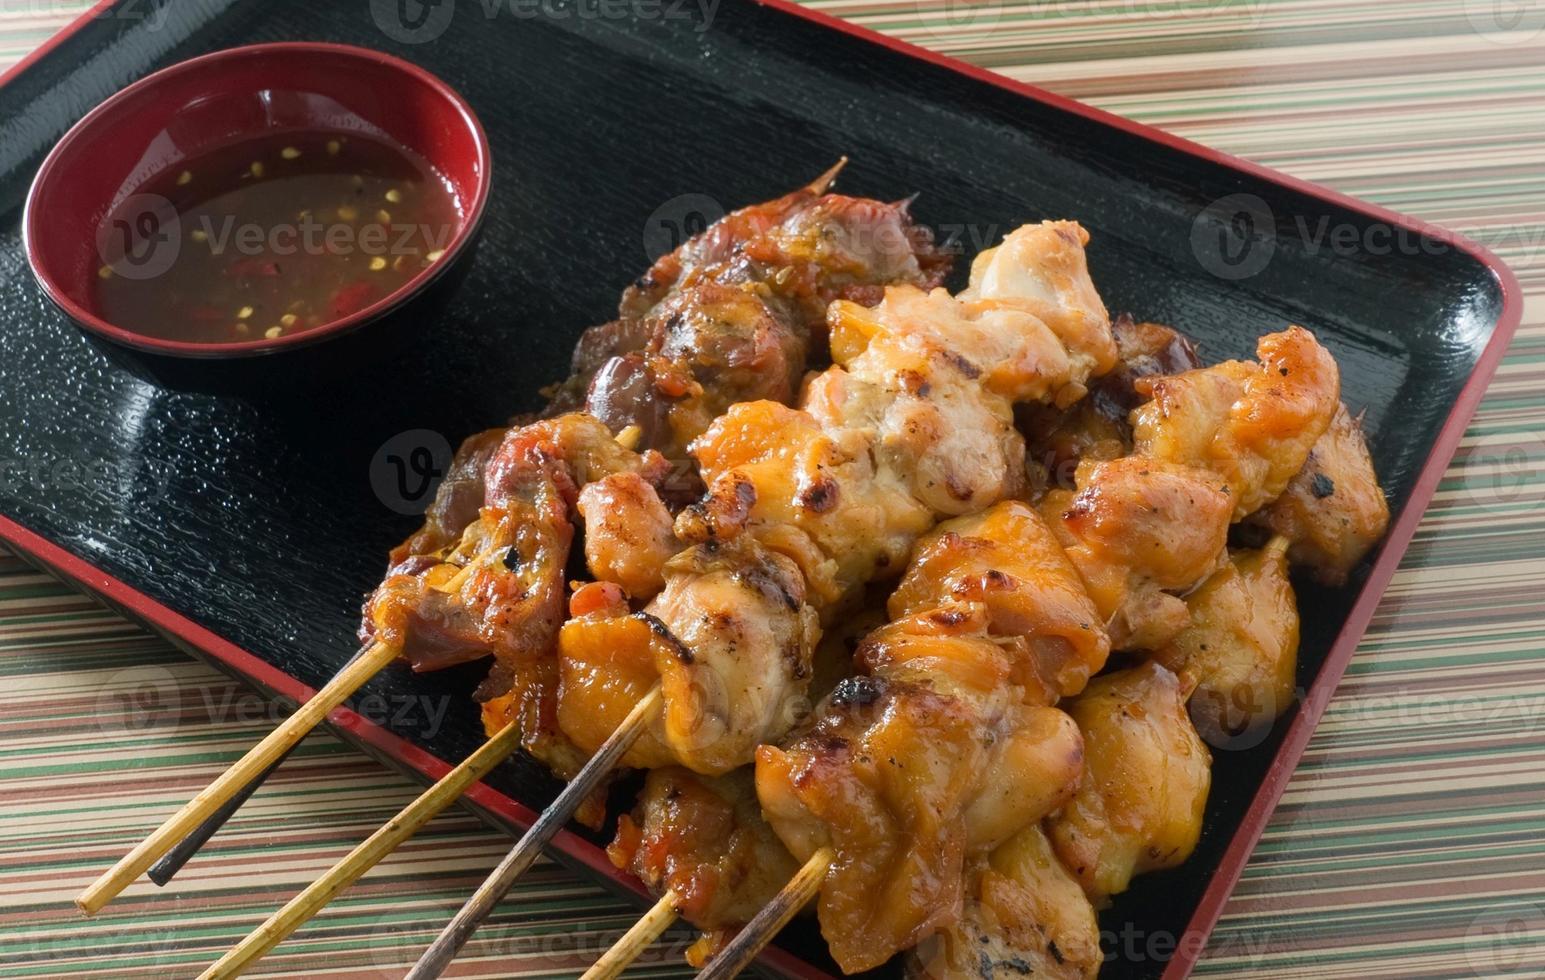 délicieux barbecue de poulet grillé sur brochette photo